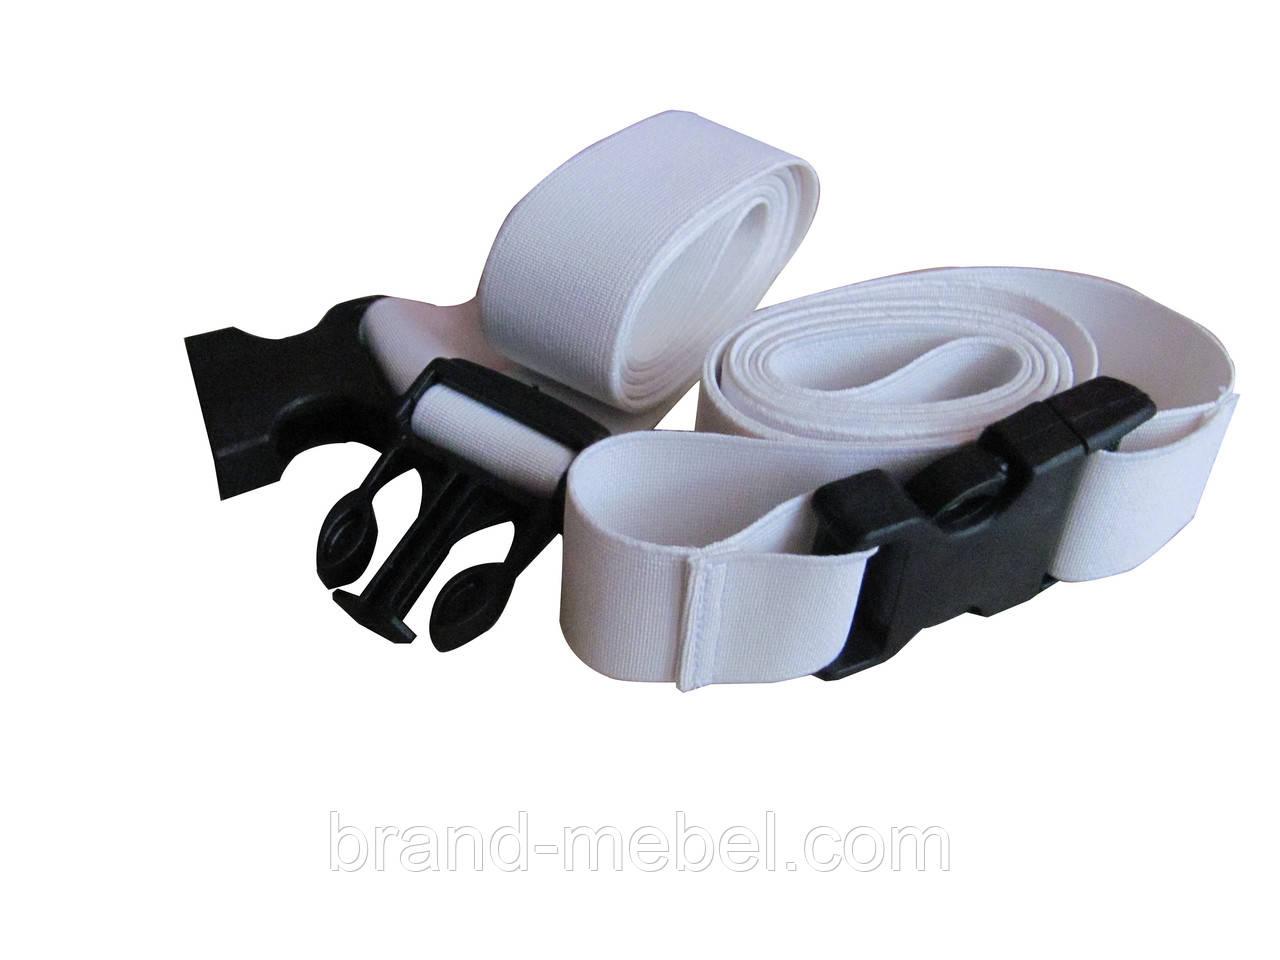 Ремні для кріплення односпального матрацу 70/80/90см/Ремни для крепления односпального матраца 70/80/90см